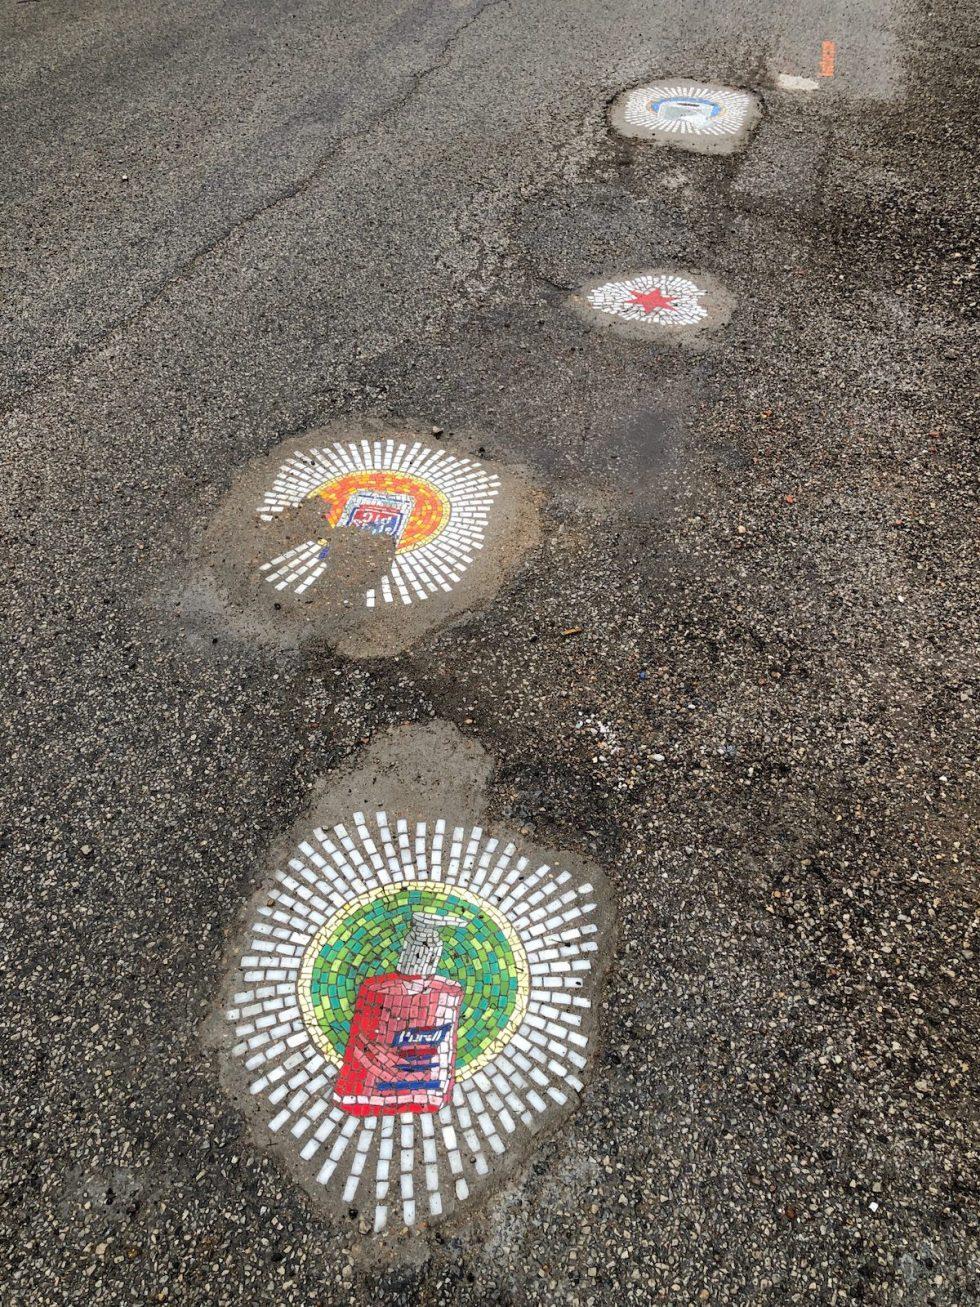 pandemic-themed pothole mosaics